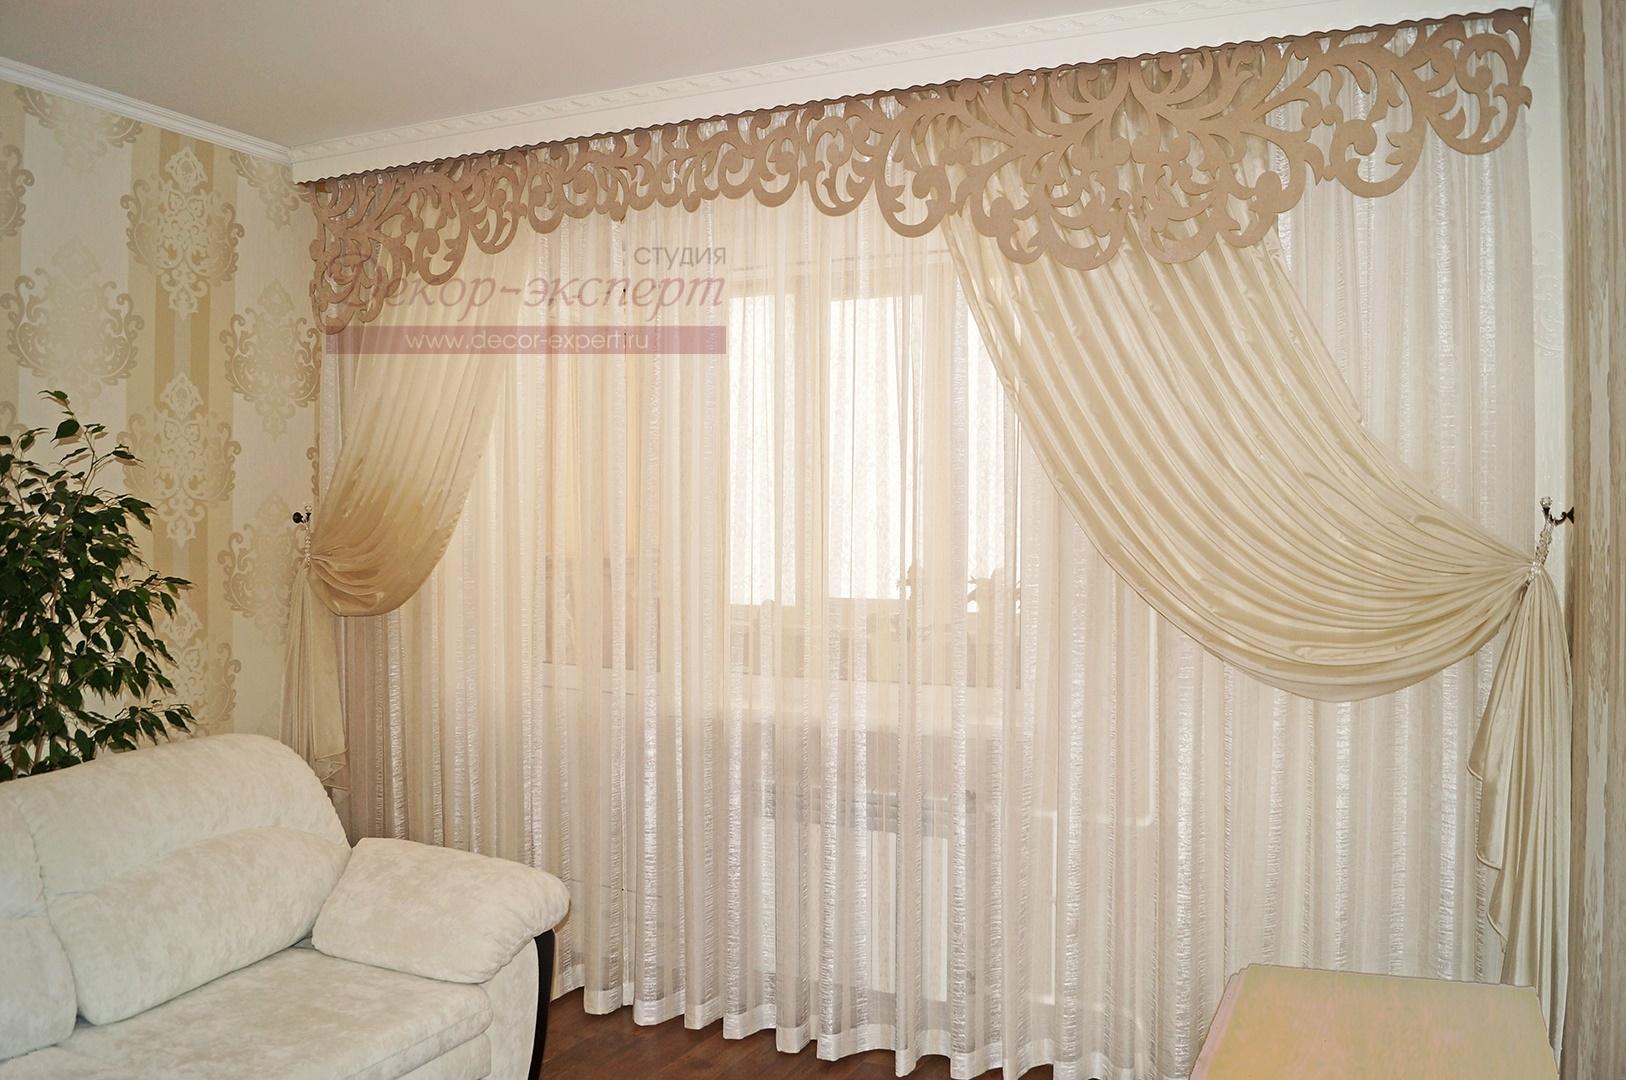 Фото-39. Мои шторы с ажурным ламбрекеном нестандартной длины. Проект выполнен для заказчика в Тольятти.